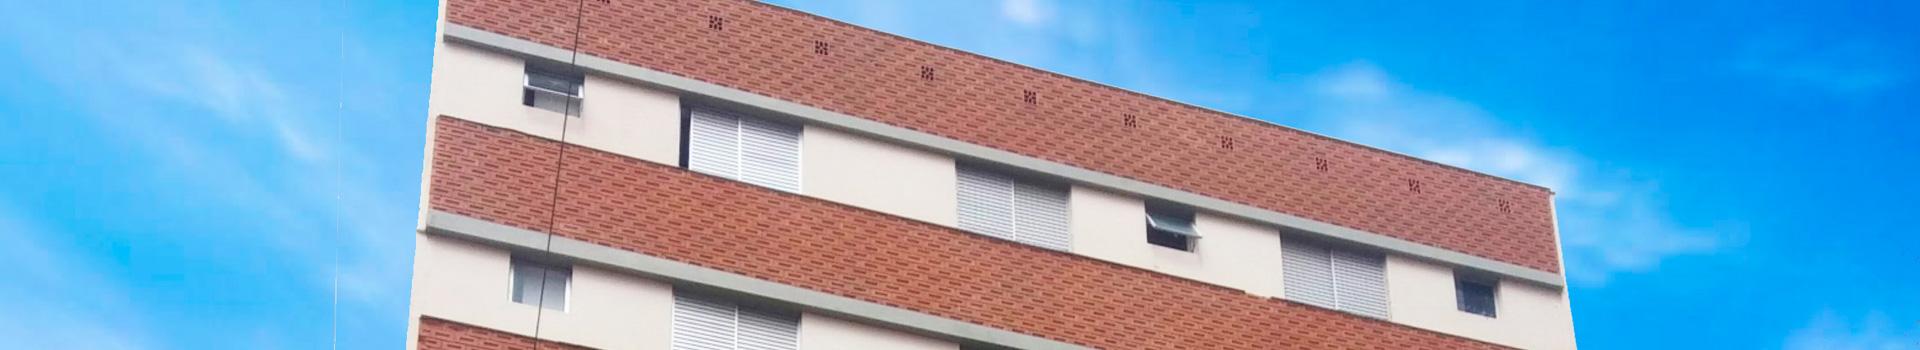 Regente Área Construída: 2.959m² - Centro - Campinas / SP